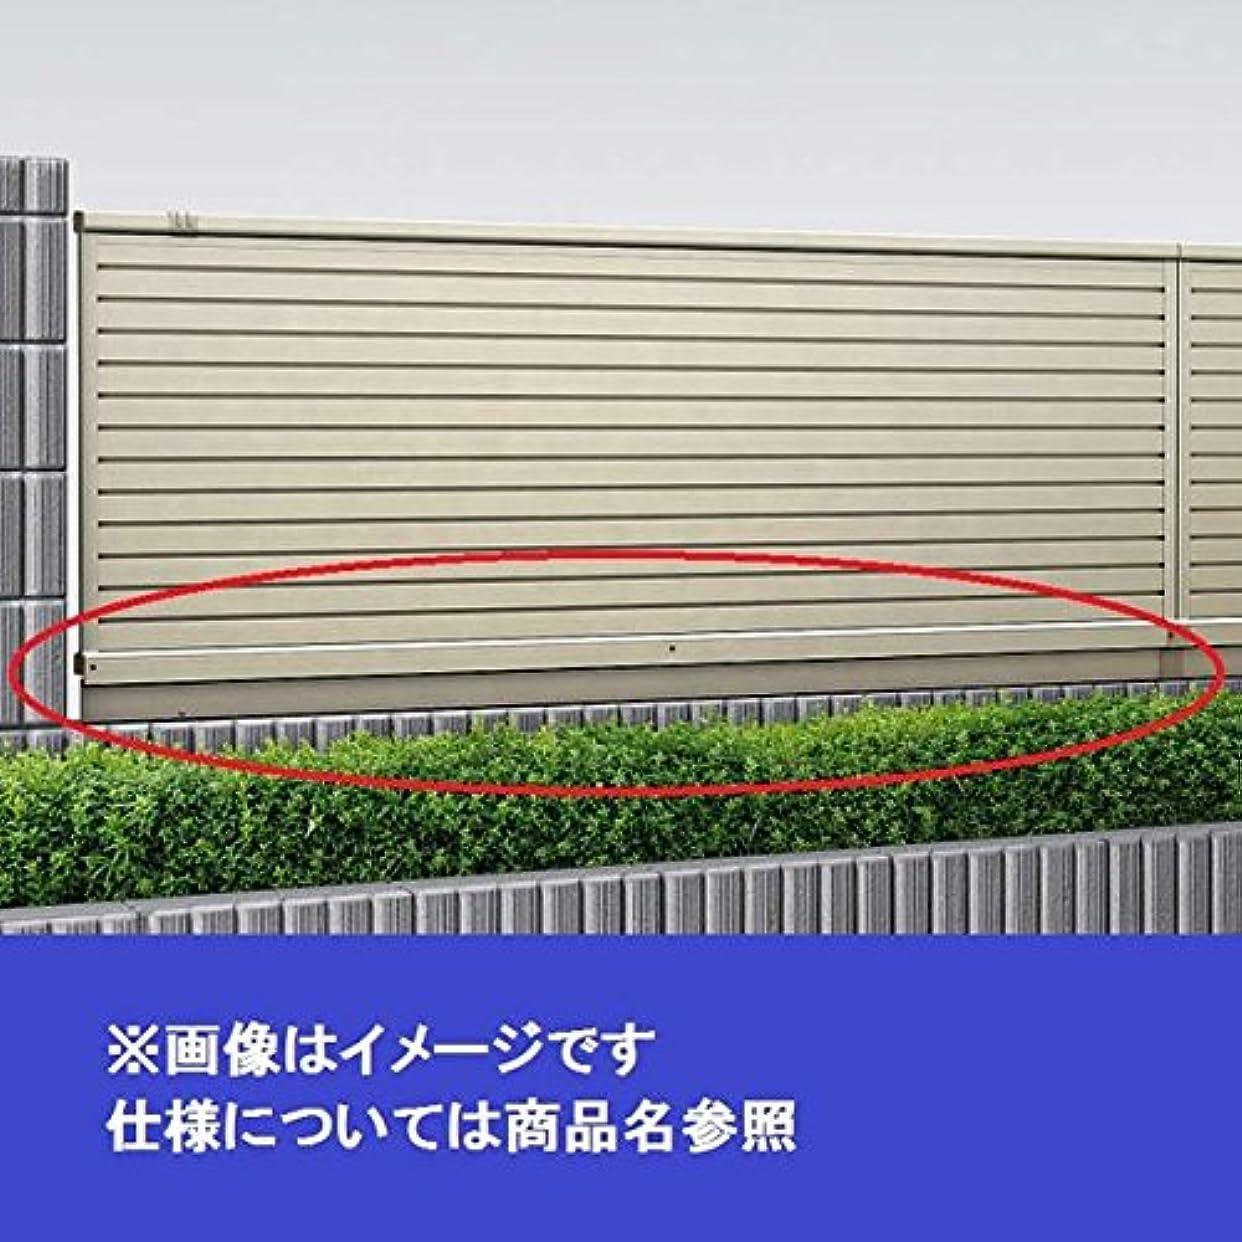 説得船尾スラダムYKKAP シンプレオフェンス共通オプション フェンス下すき間隠し 本体(L=1975) 『フェンスオプション』 ホワイト